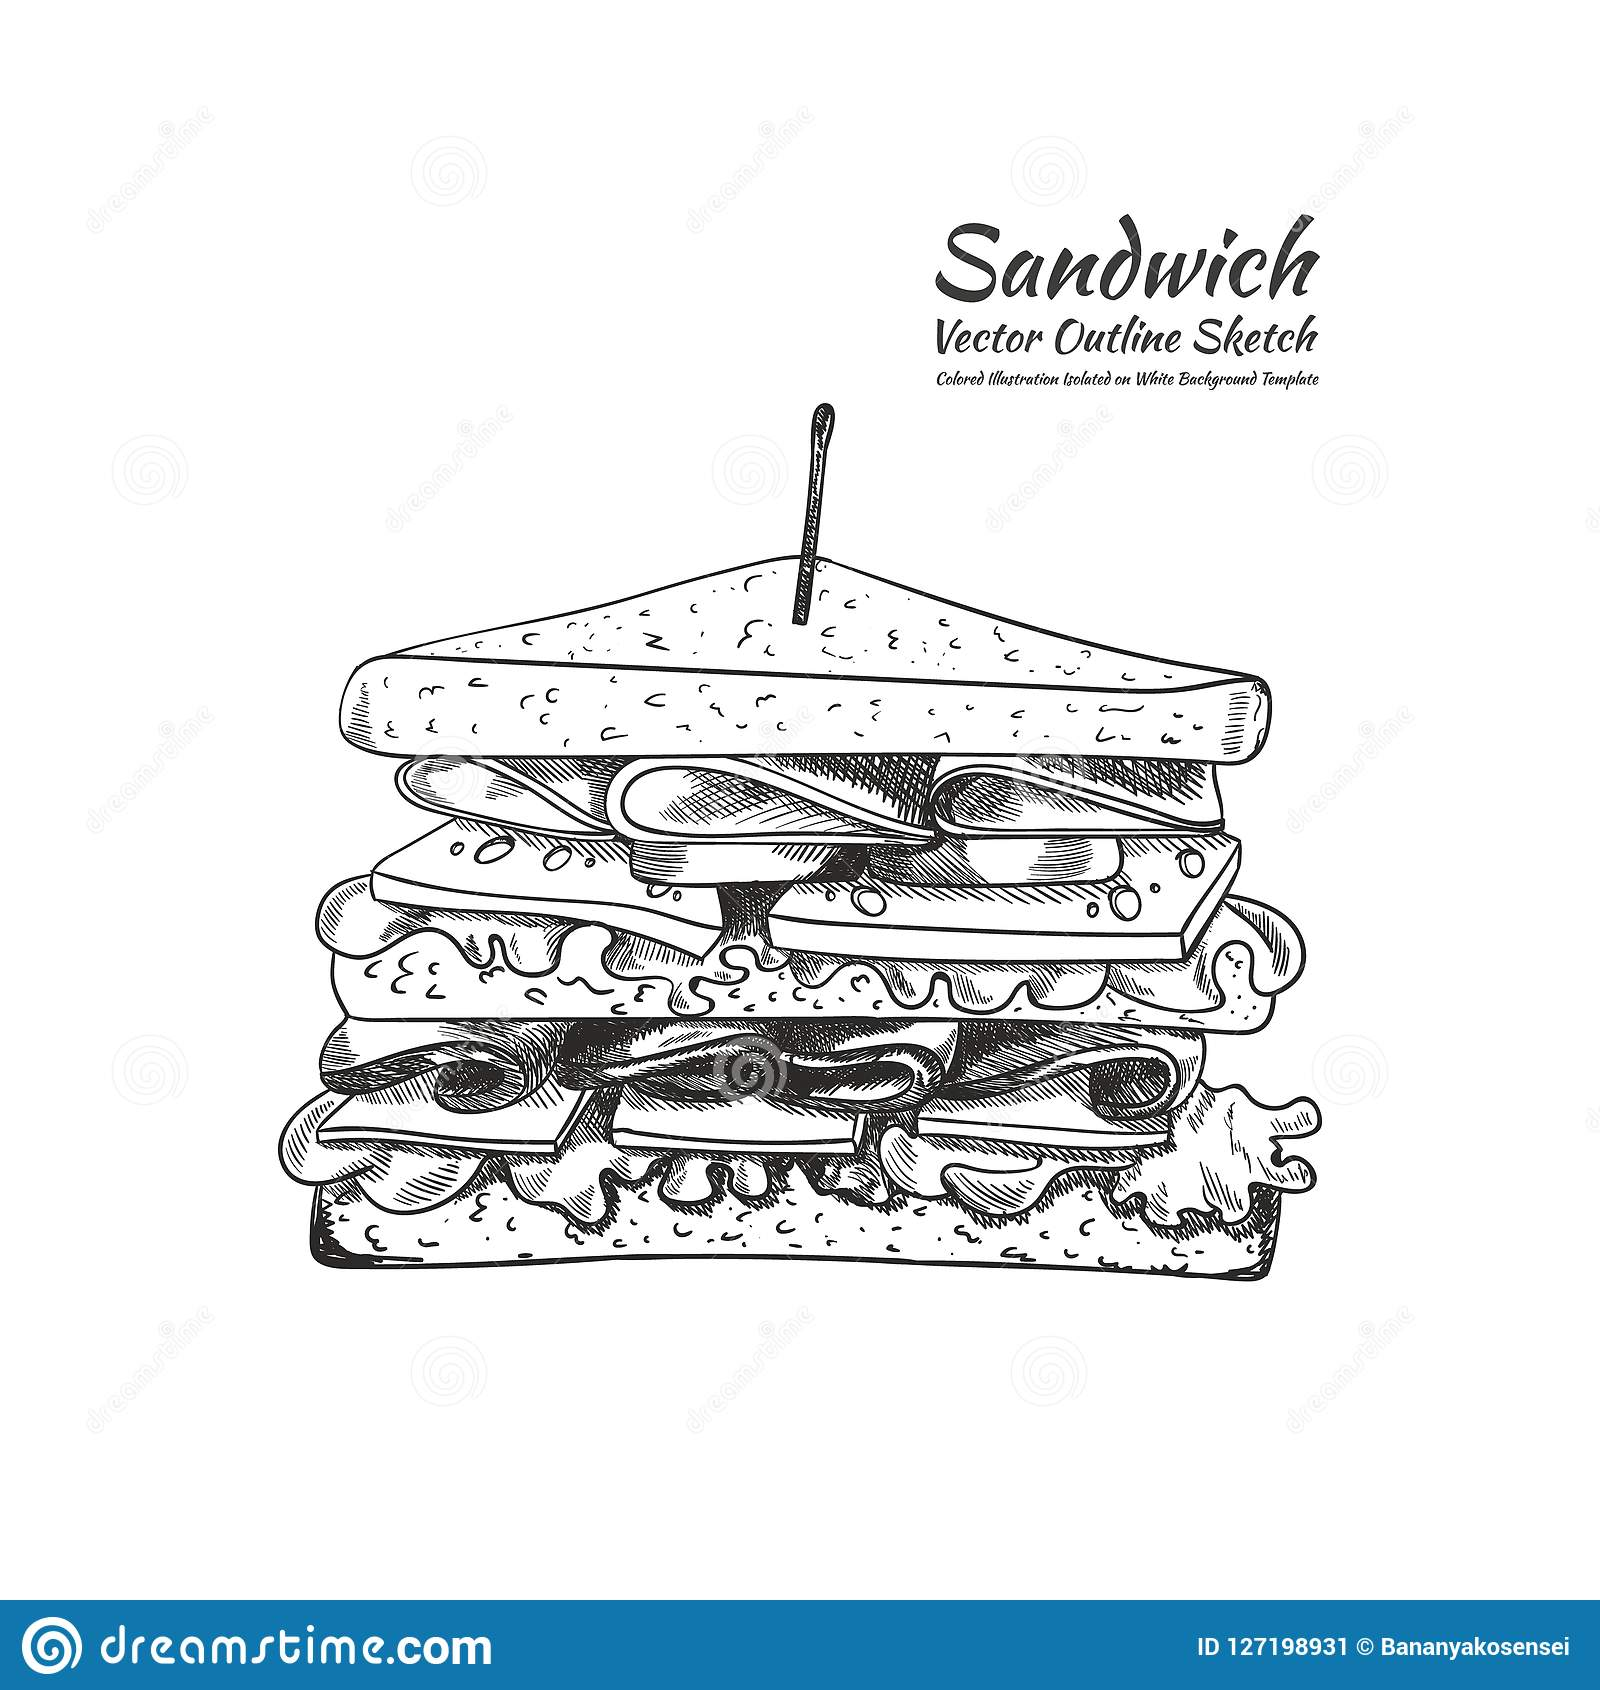 Διανυσματικό σχέδιο περιλήψεων, ένα σάντουιτς με μια οδοντογλυφίδα που απομονώνεται στο άσπρο υπόβαθρο, απεικόνιση